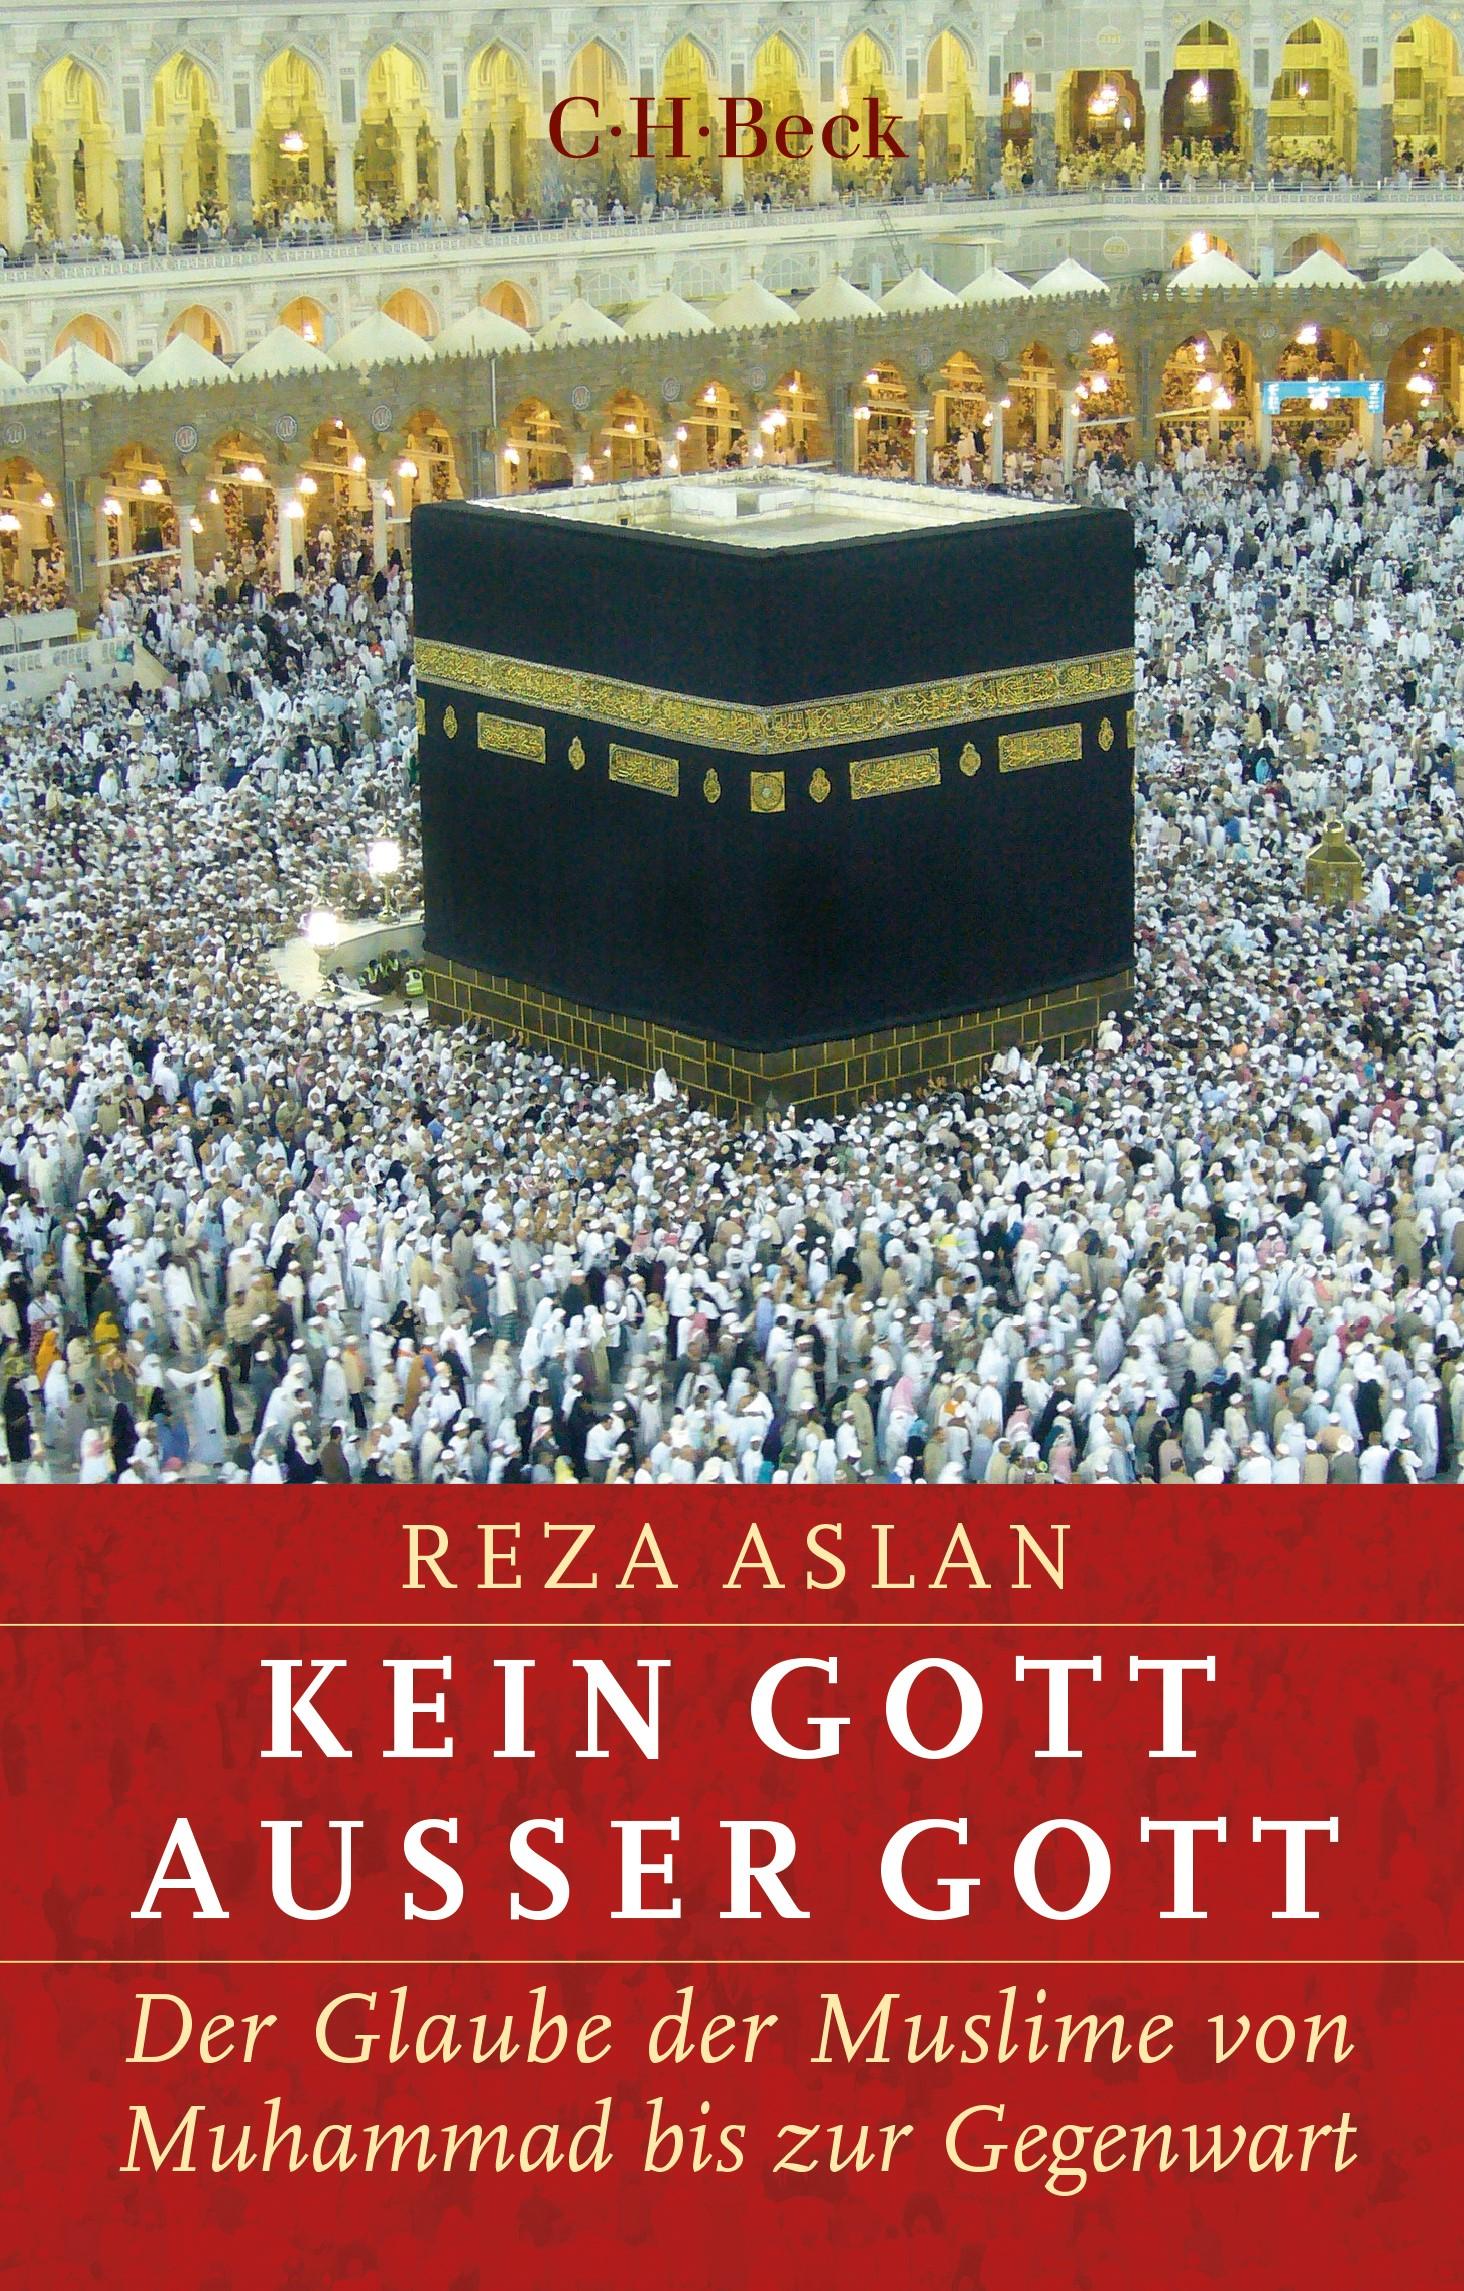 Kein Gott außer Gott | Aslan, Reza | aktualisierte und erweiterte Auflage, 2019 | Buch (Cover)